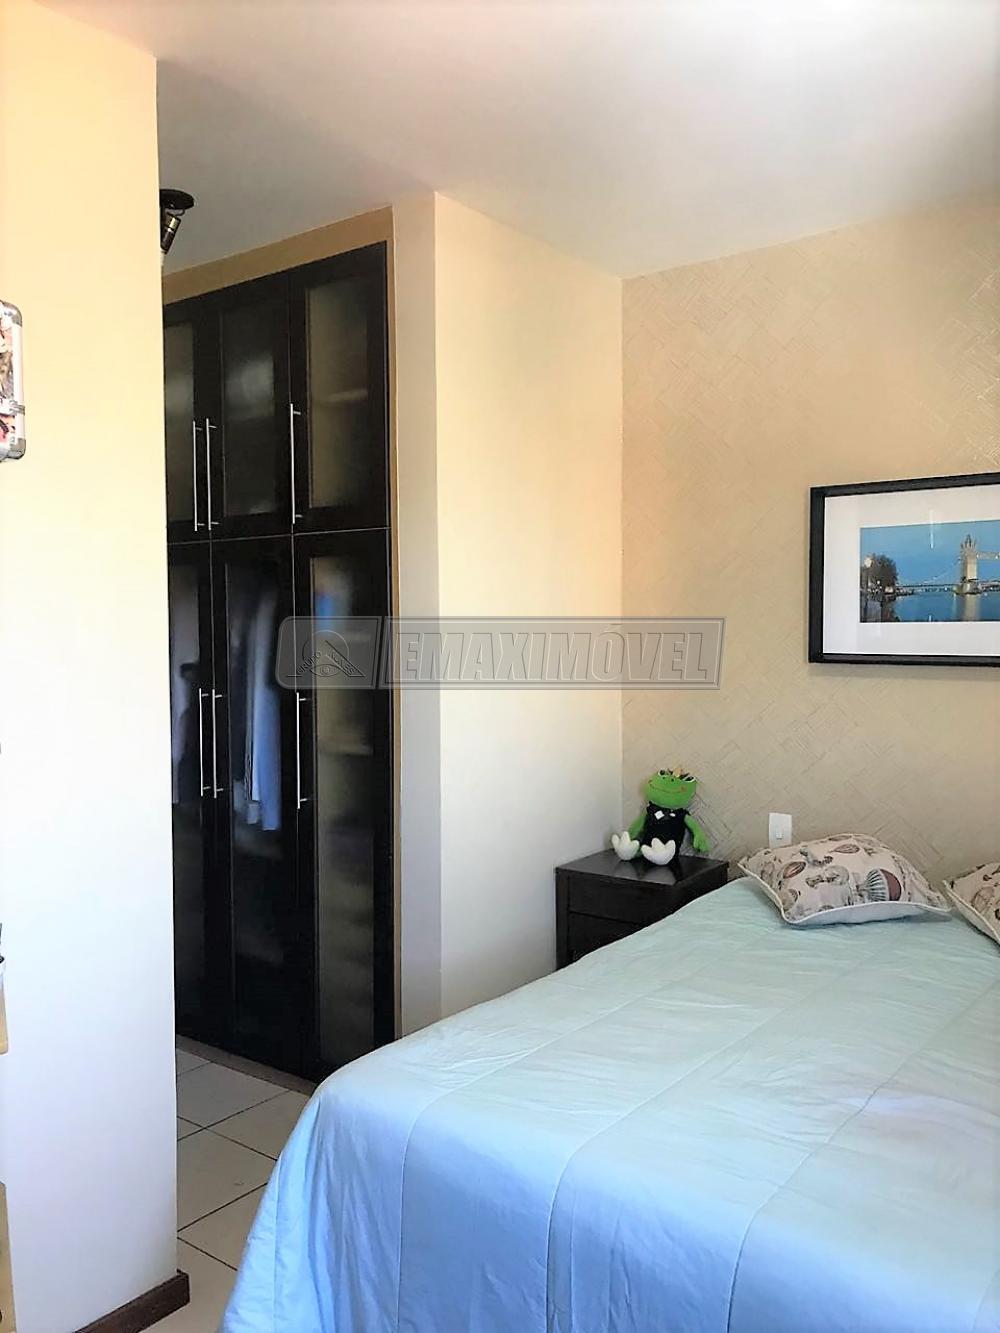 Comprar Apartamentos / Apto Padrão em Sorocaba apenas R$ 430.000,00 - Foto 13